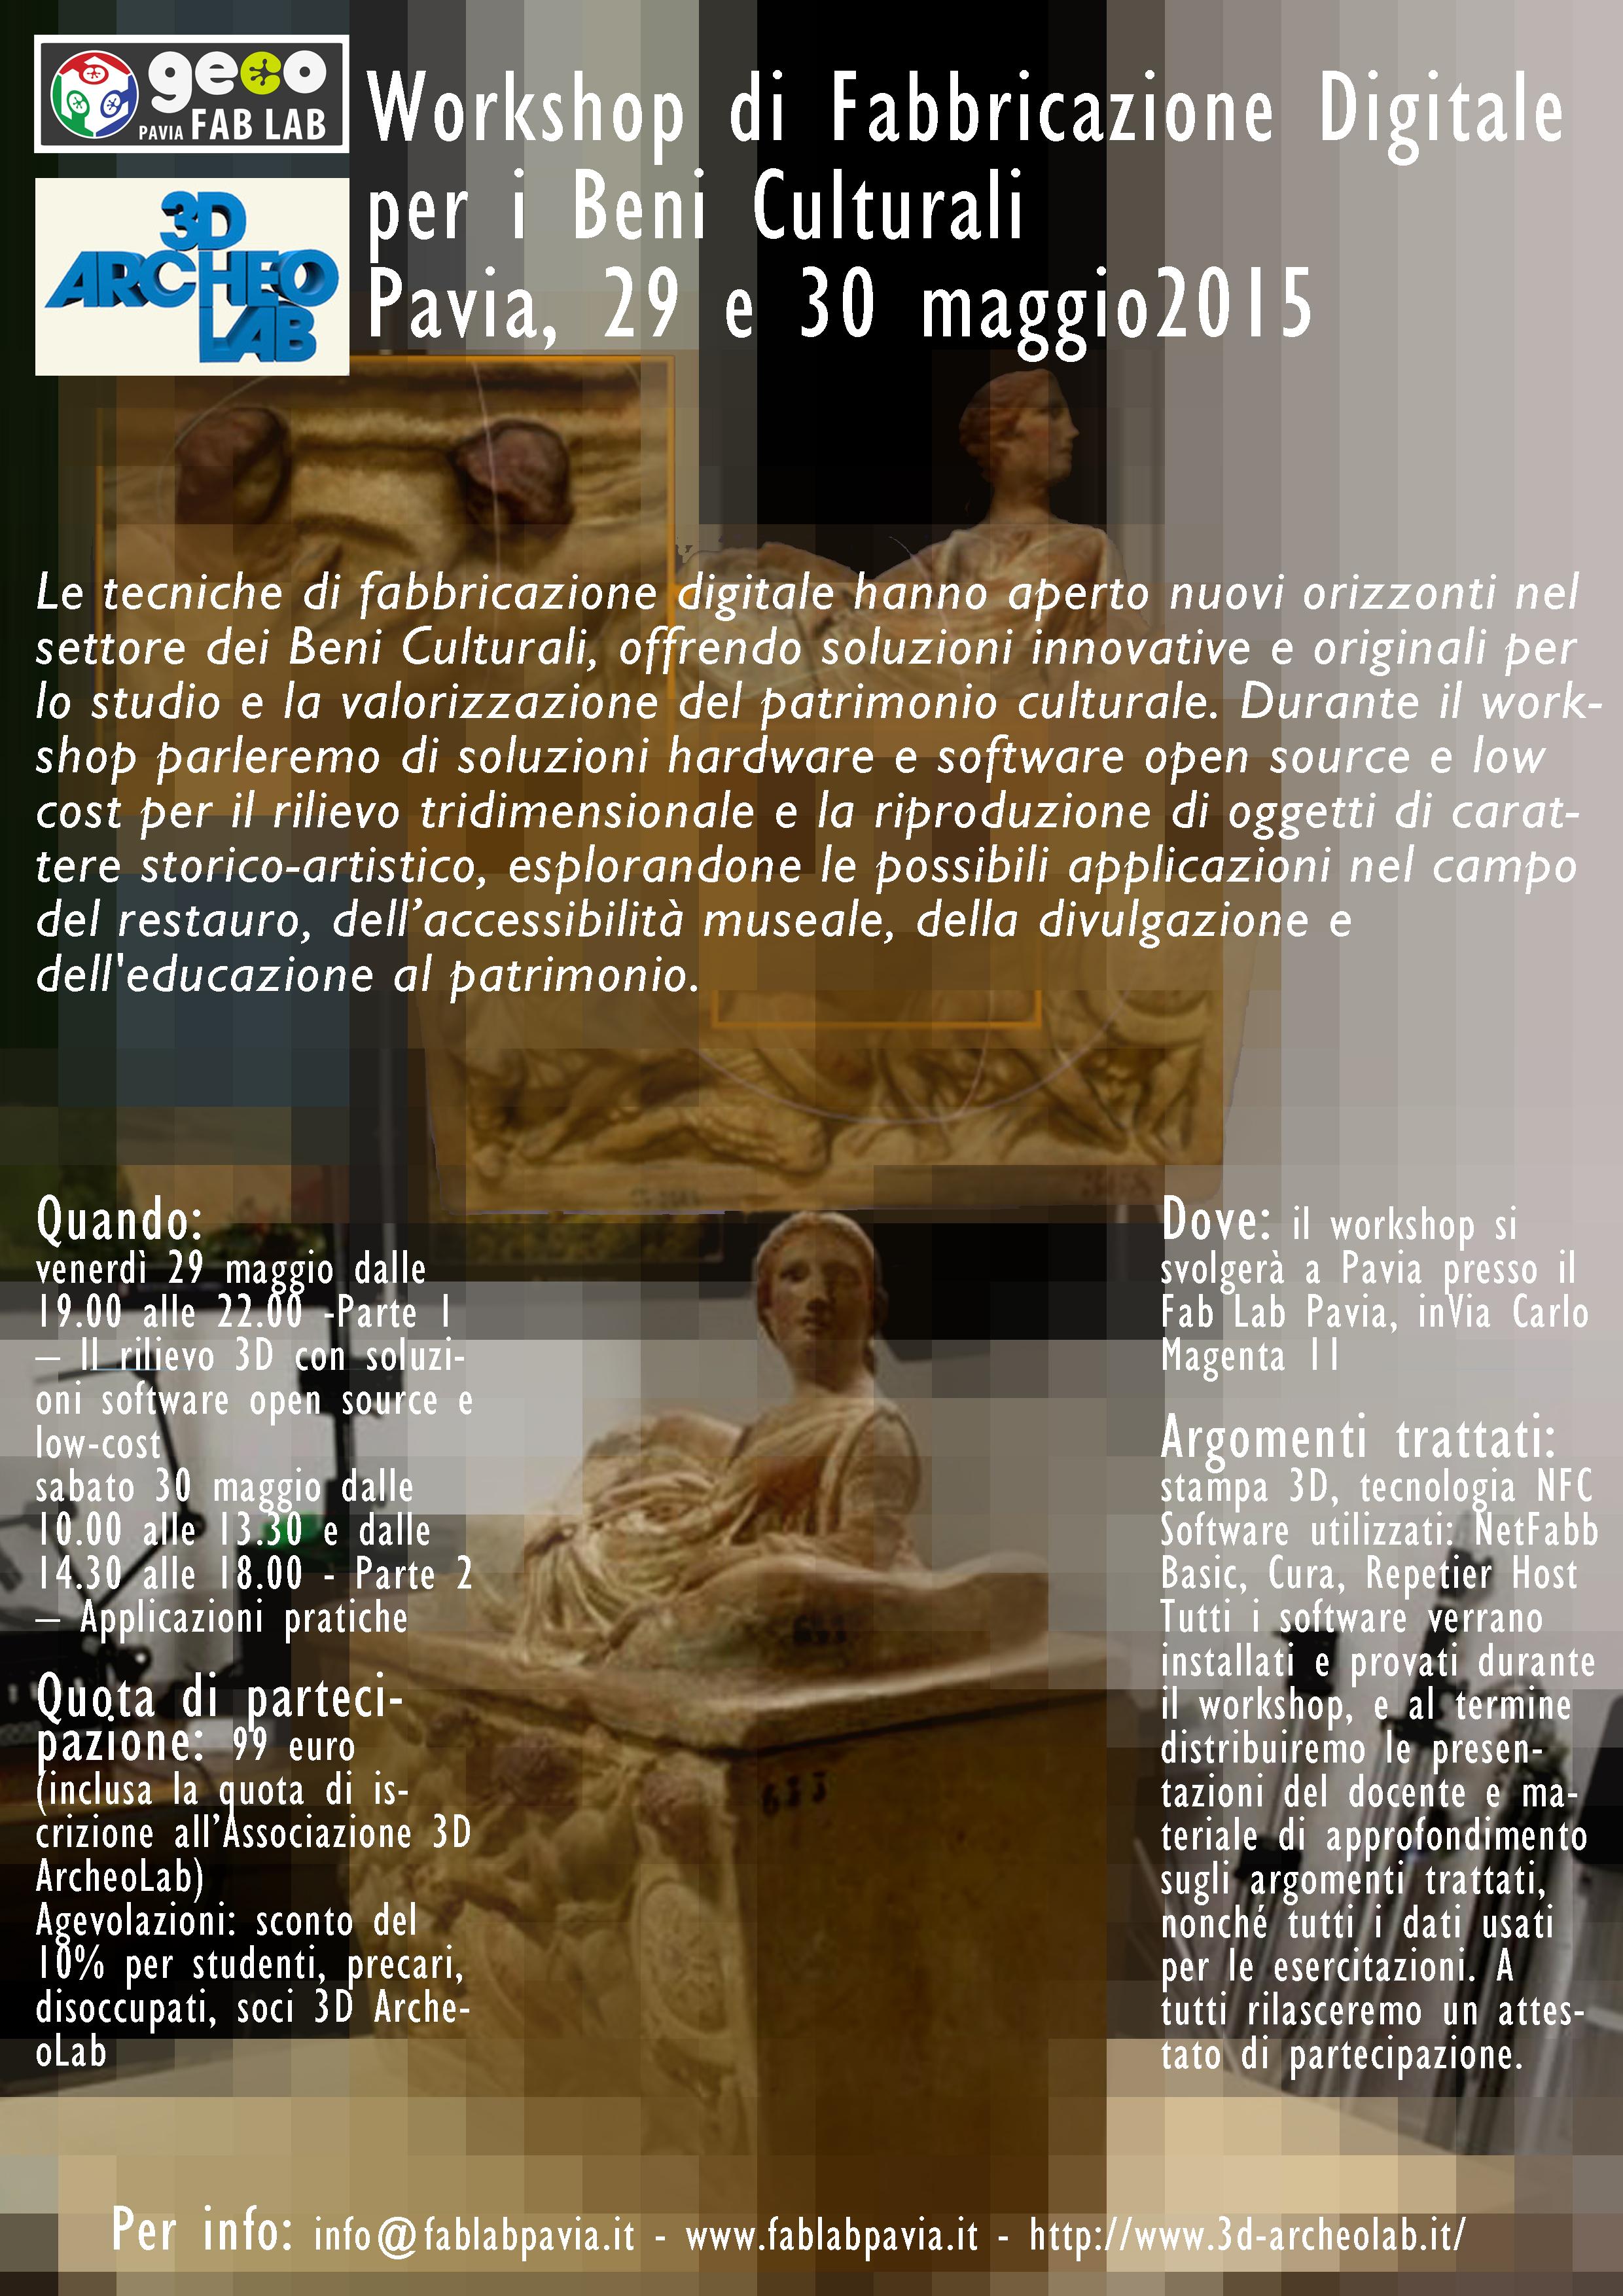 Workshop di fabbricazione digitale per i beni culturali!